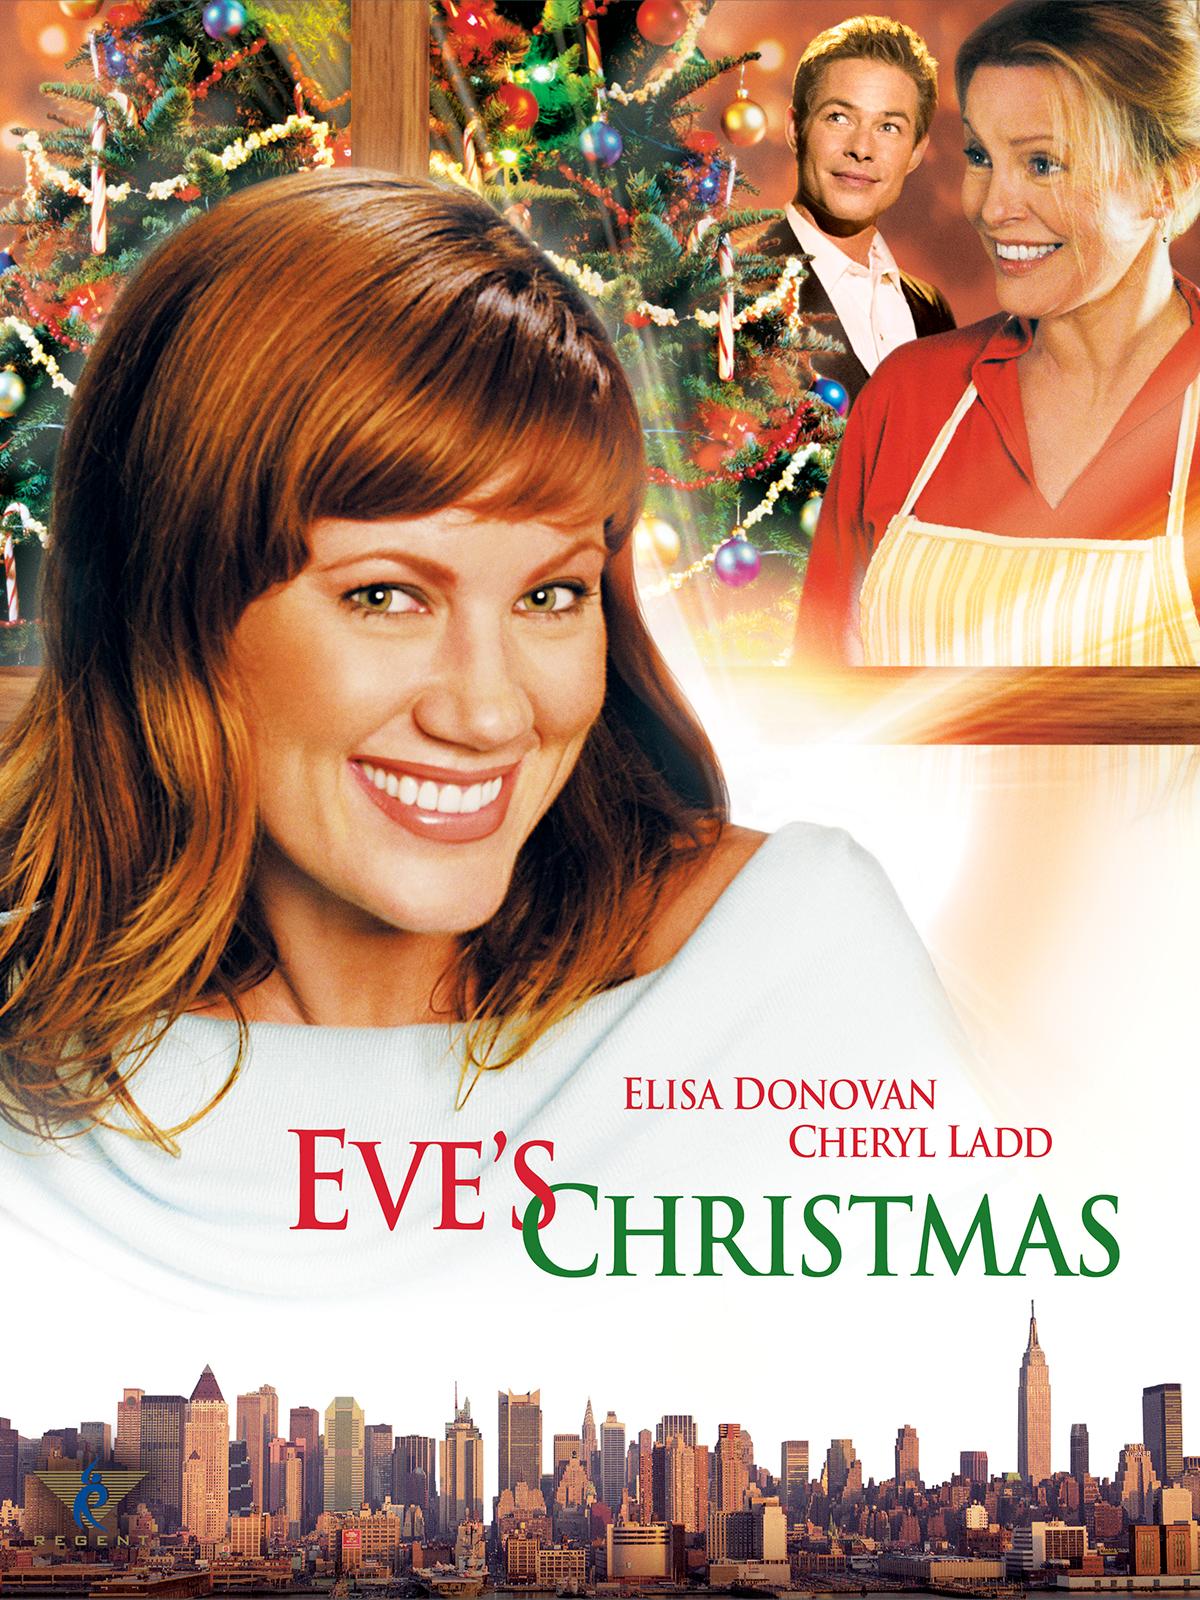 Here-EvesChristmas-Full-Image-en-US.jpg